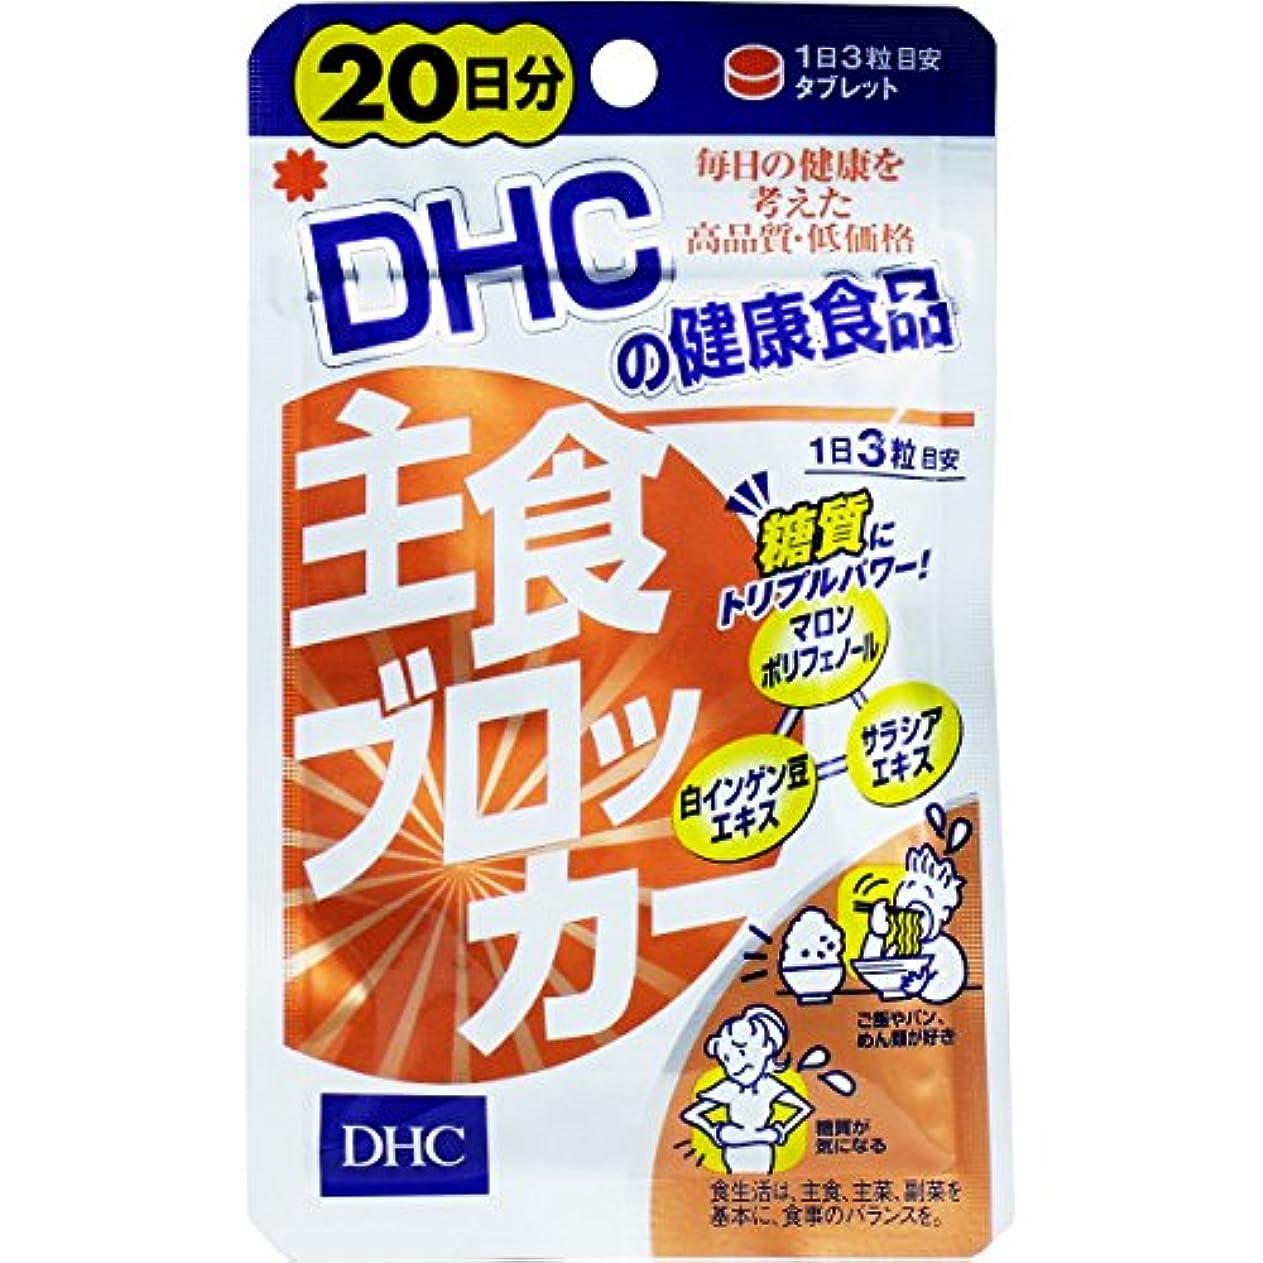 褒賞ブリード評価する【DHC】主食ブロッカー 20日分 60粒 ×10個セット